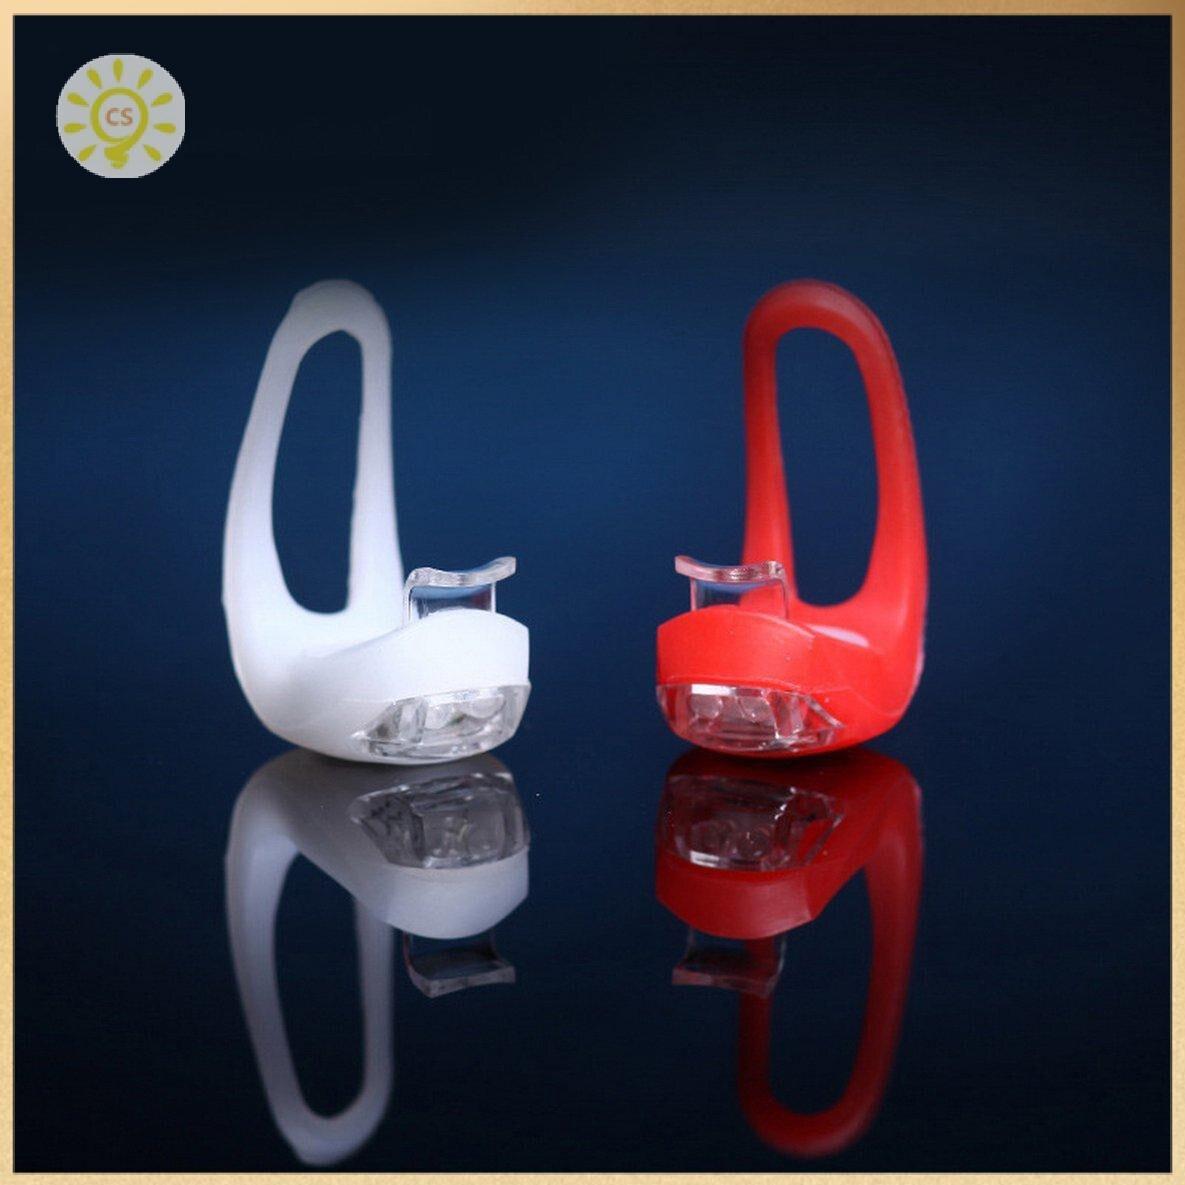 【全館免運】YDHP107時尚精緻裝飾時尚項鍊優雅項鍊 clickstorevip